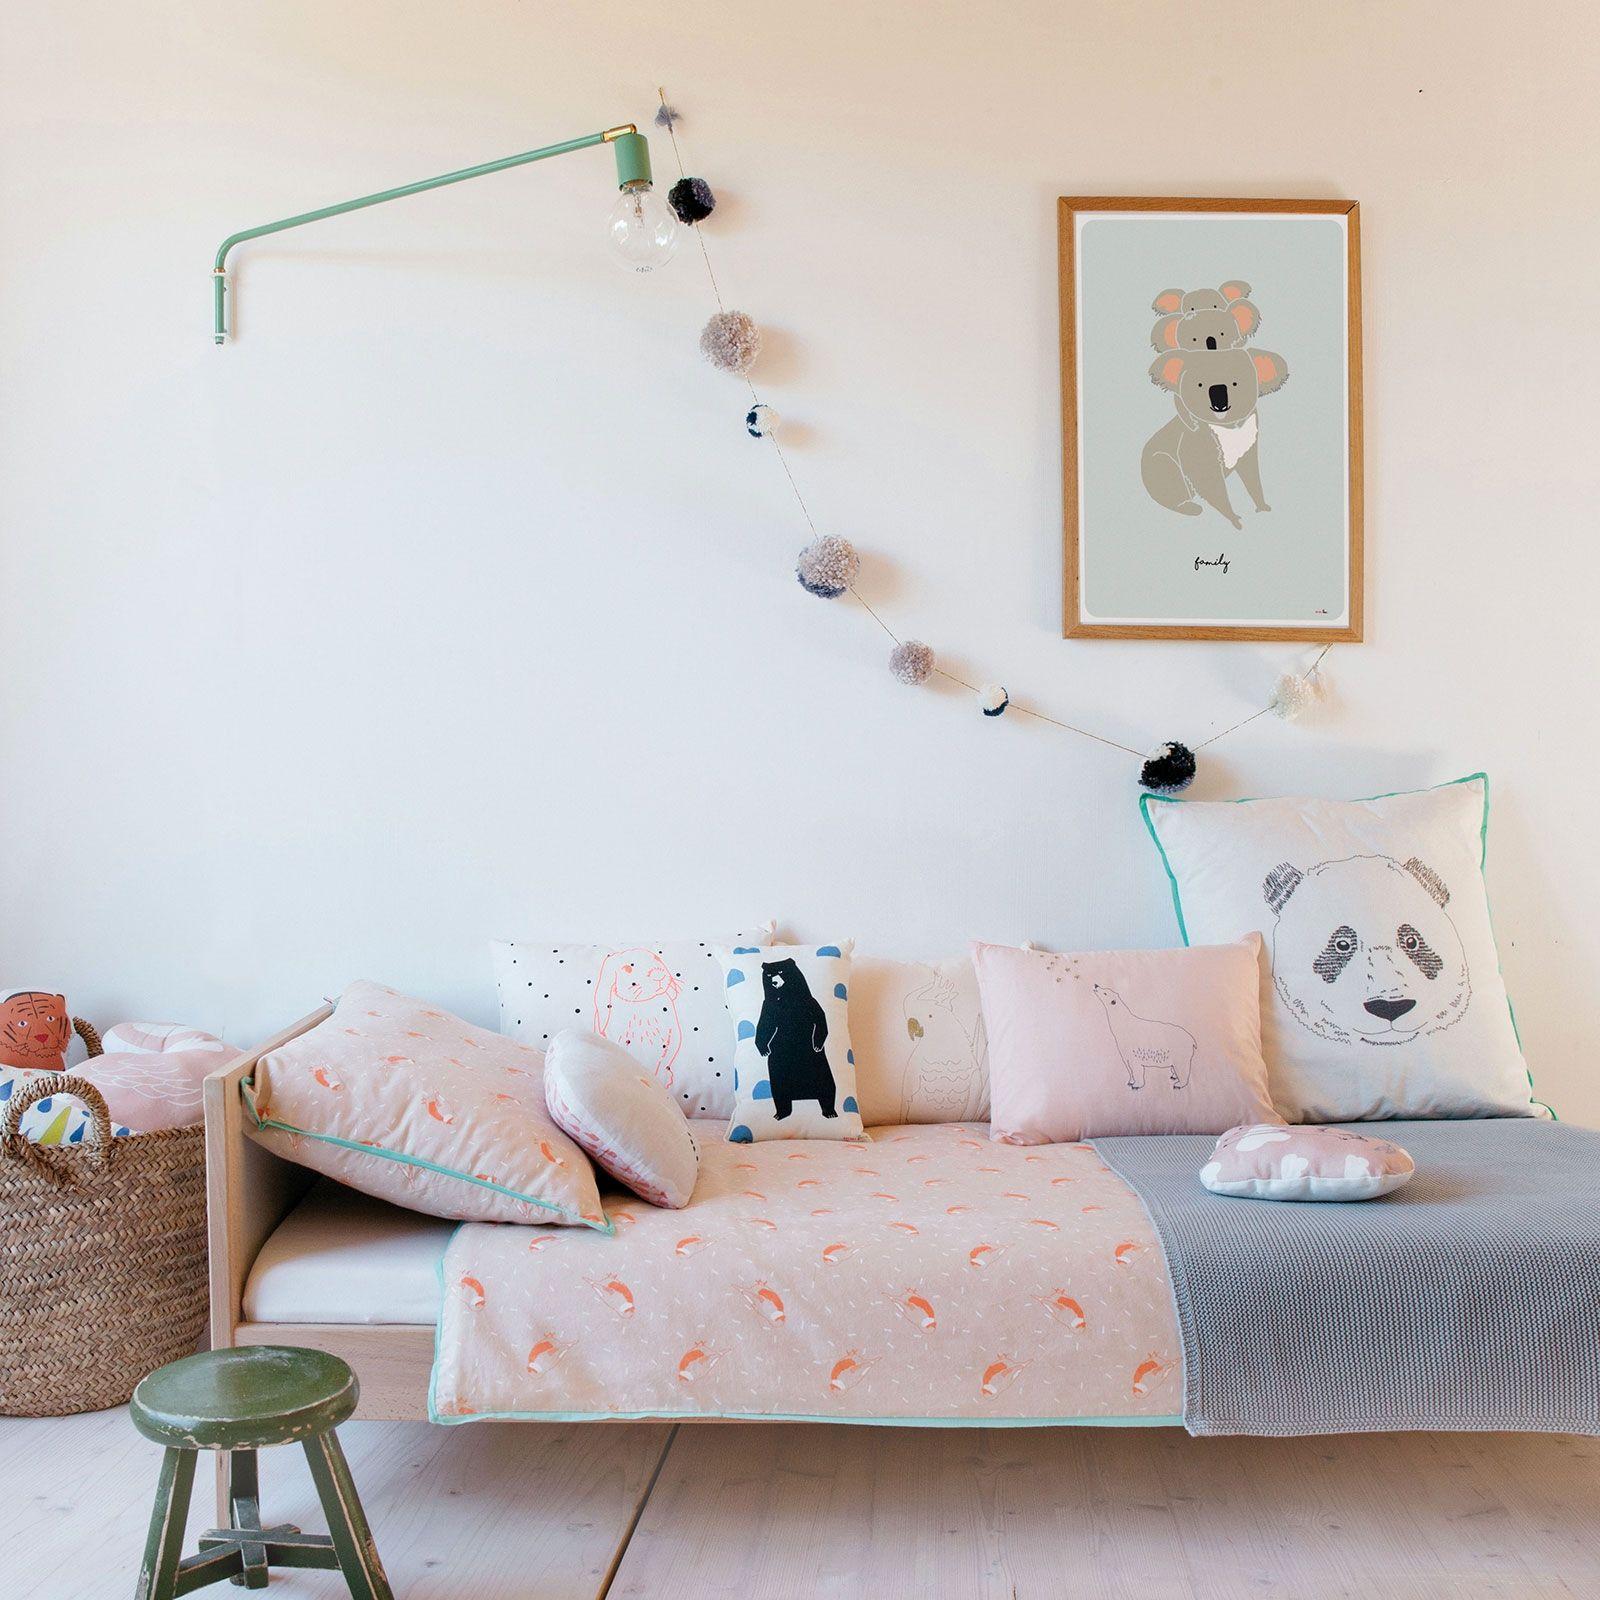 guirlande de pompon bleue longueur 160 cm mimi 39 lou c. Black Bedroom Furniture Sets. Home Design Ideas